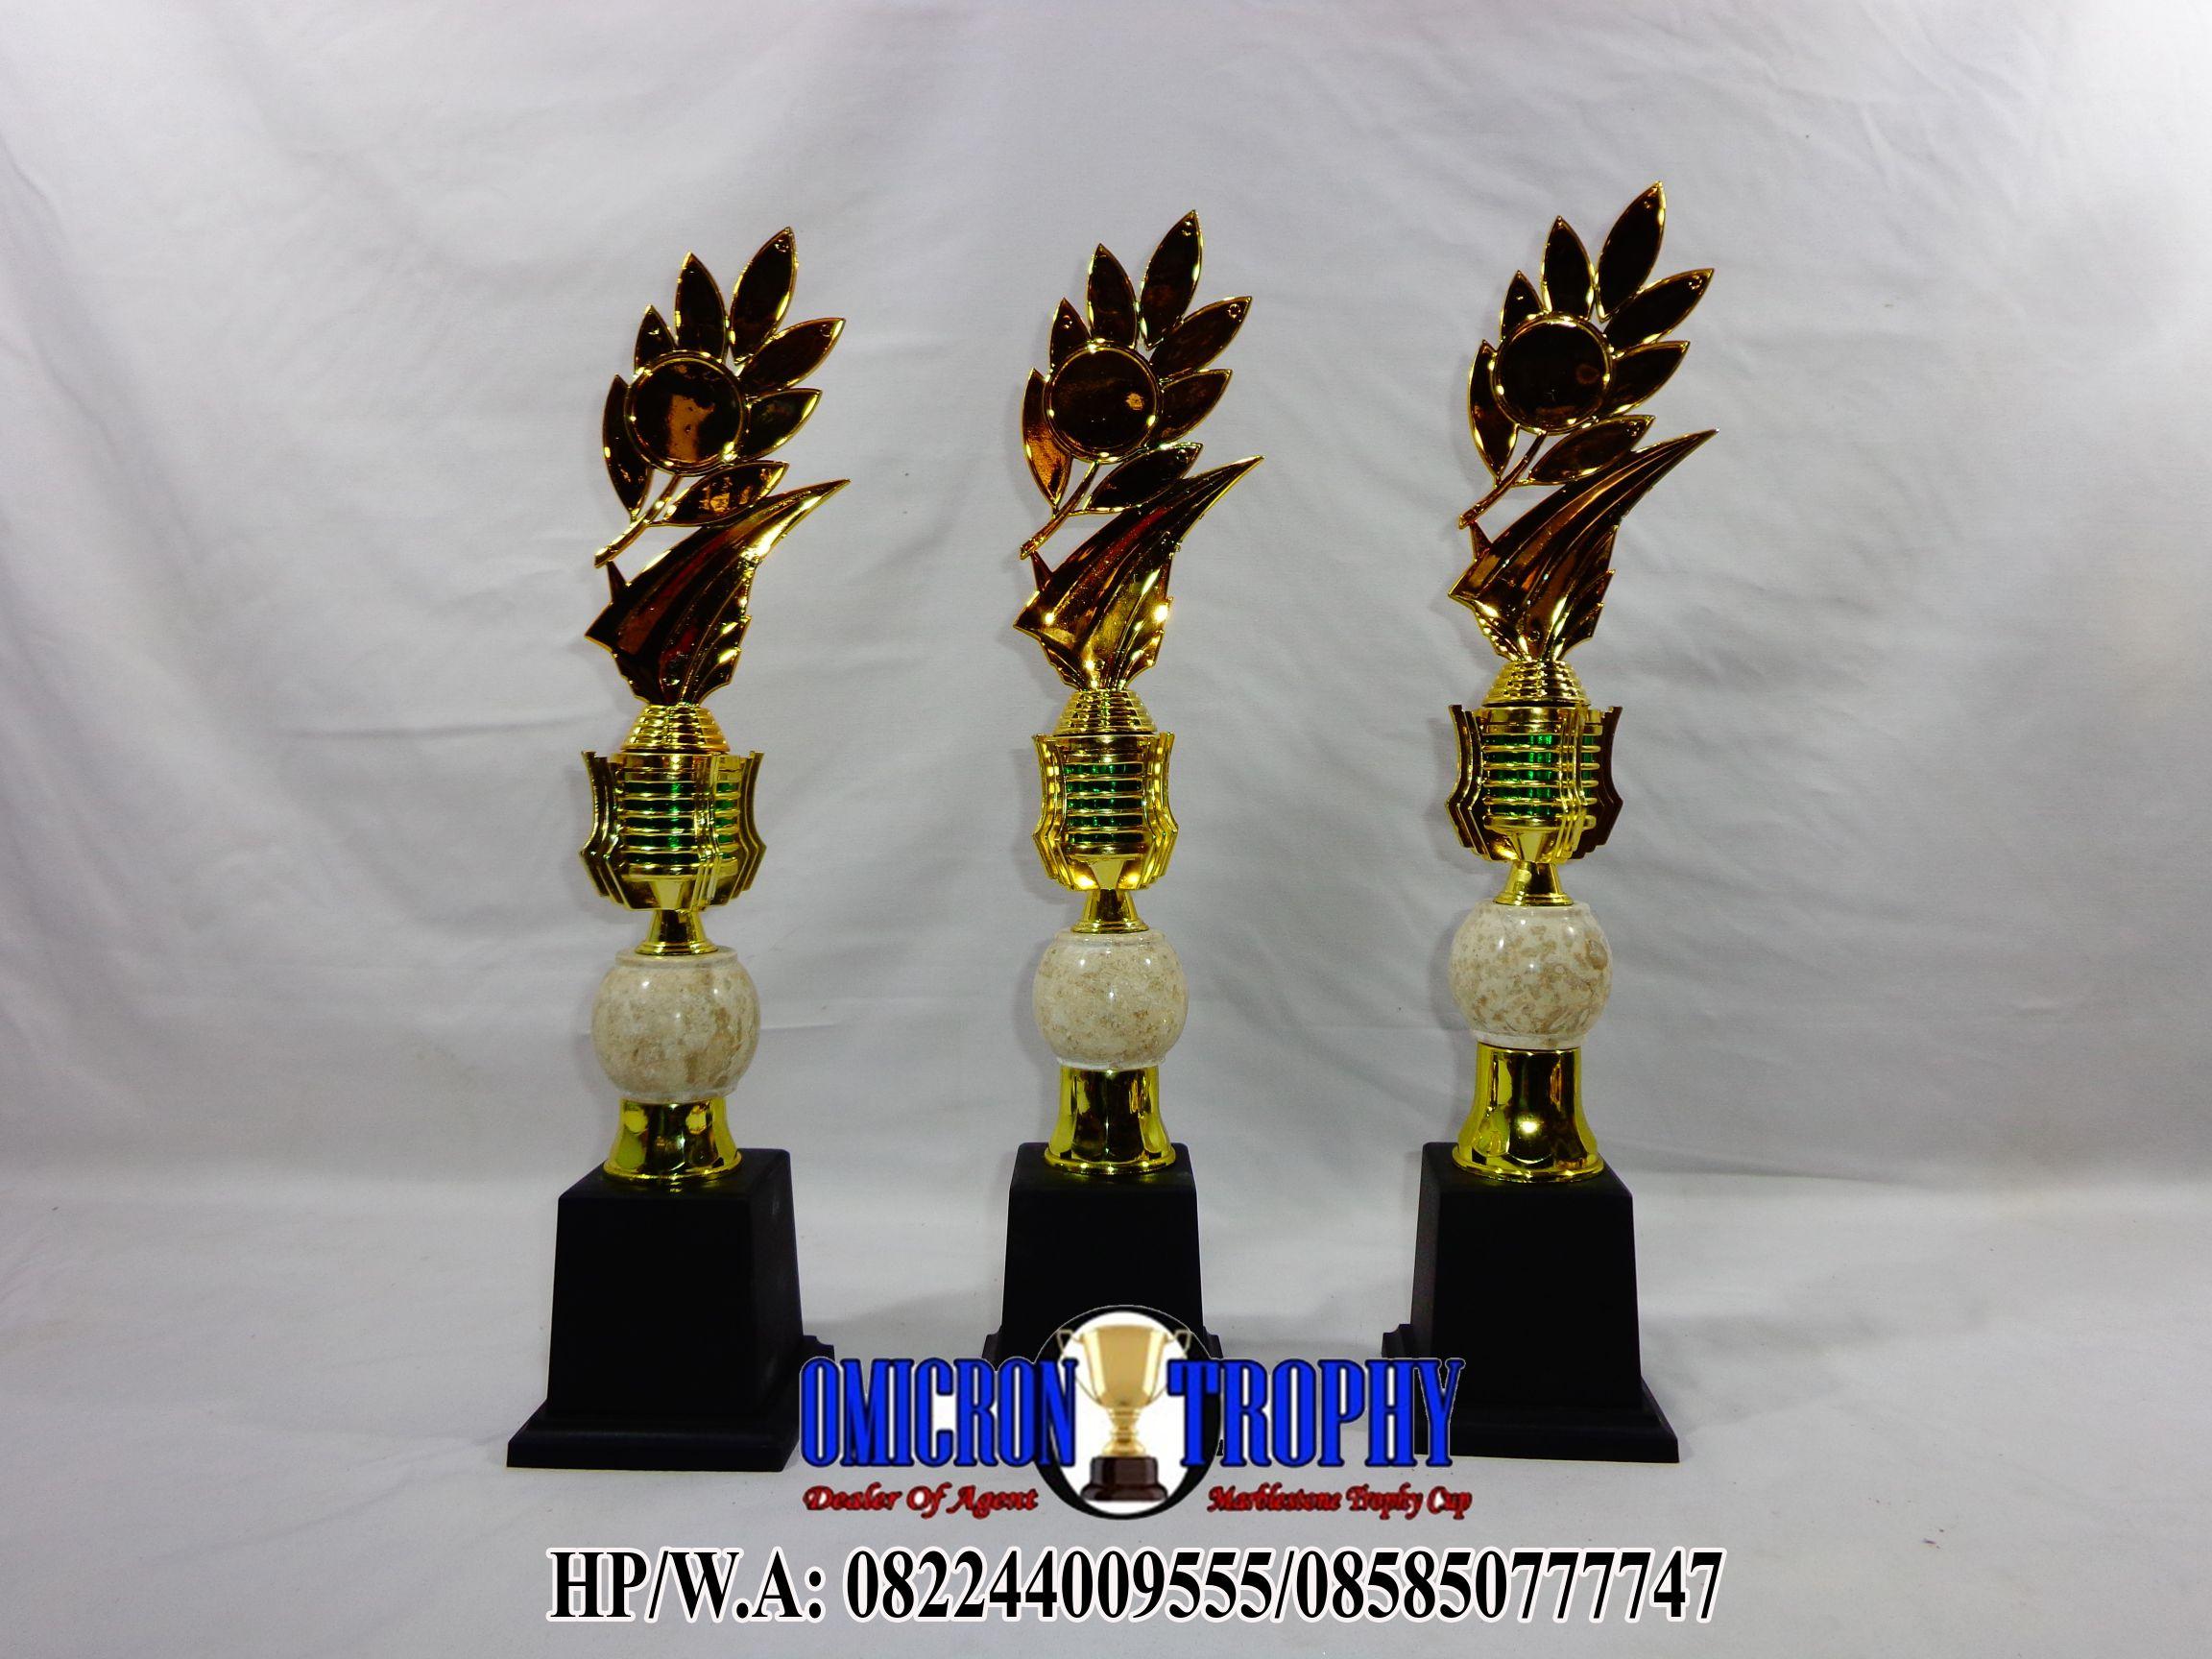 jual trophy plastik dan marmer